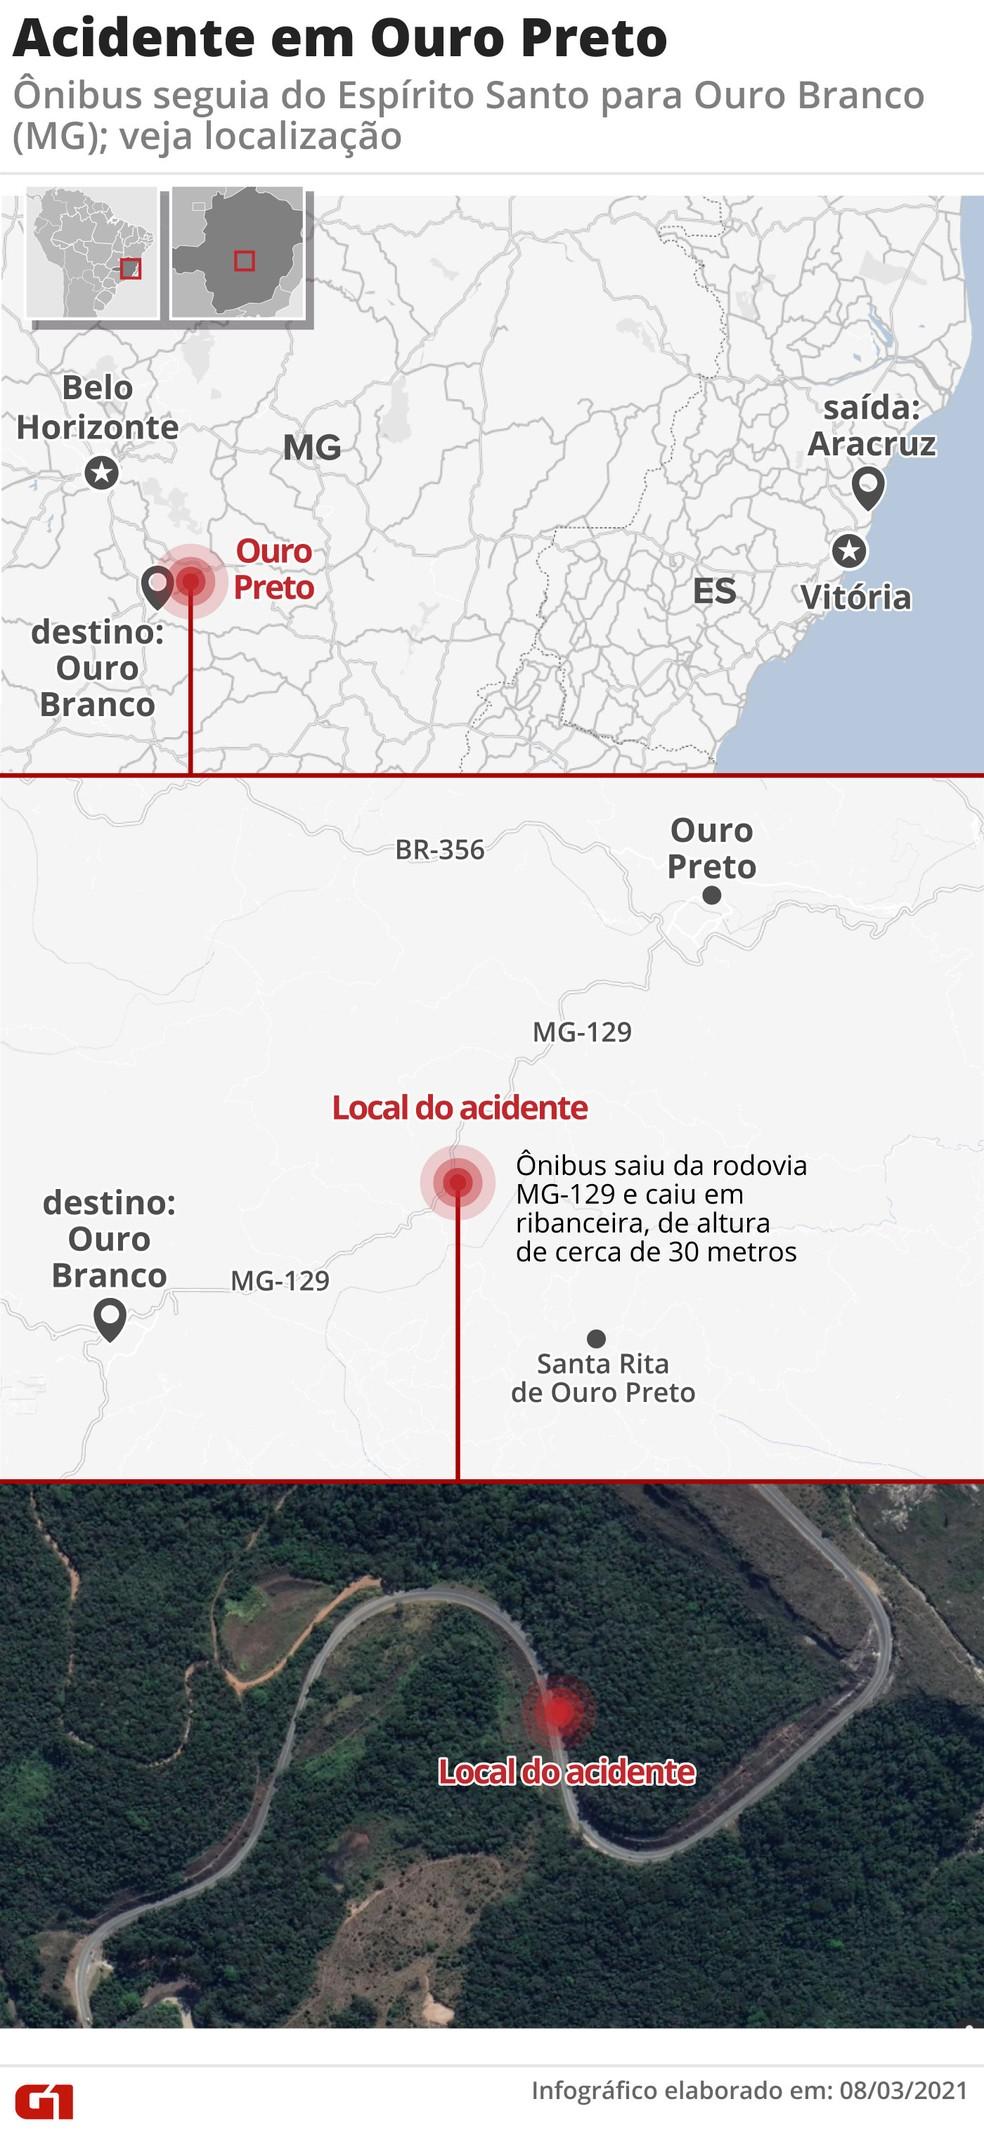 Acidente em Ouro Preto (MG) — Foto: Anderson Cattai/Arte G1